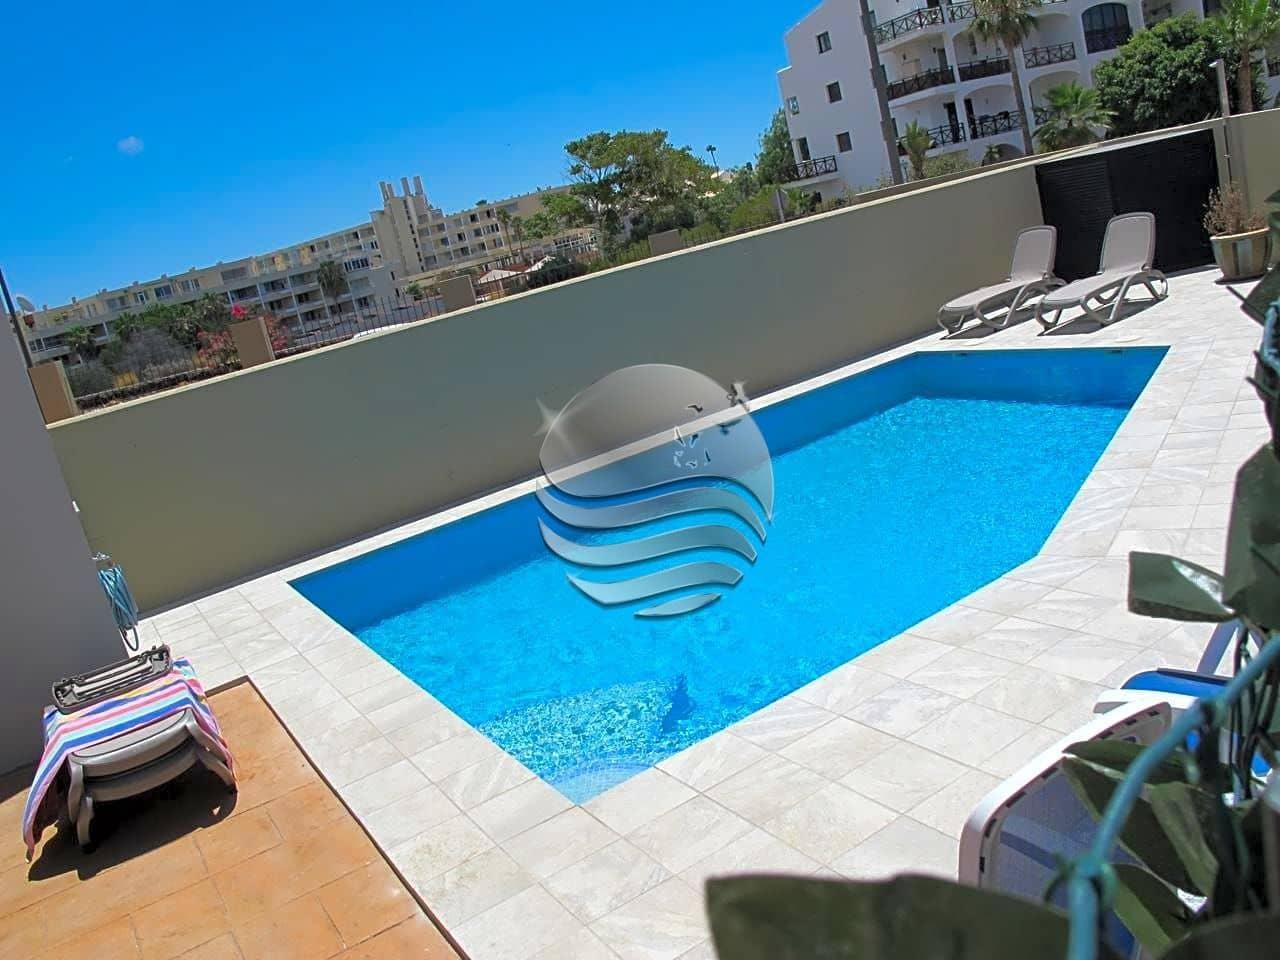 Chalet de 3 habitaciones en San Miguel de Abona en venta - 325.000 € (Ref: 5943542)